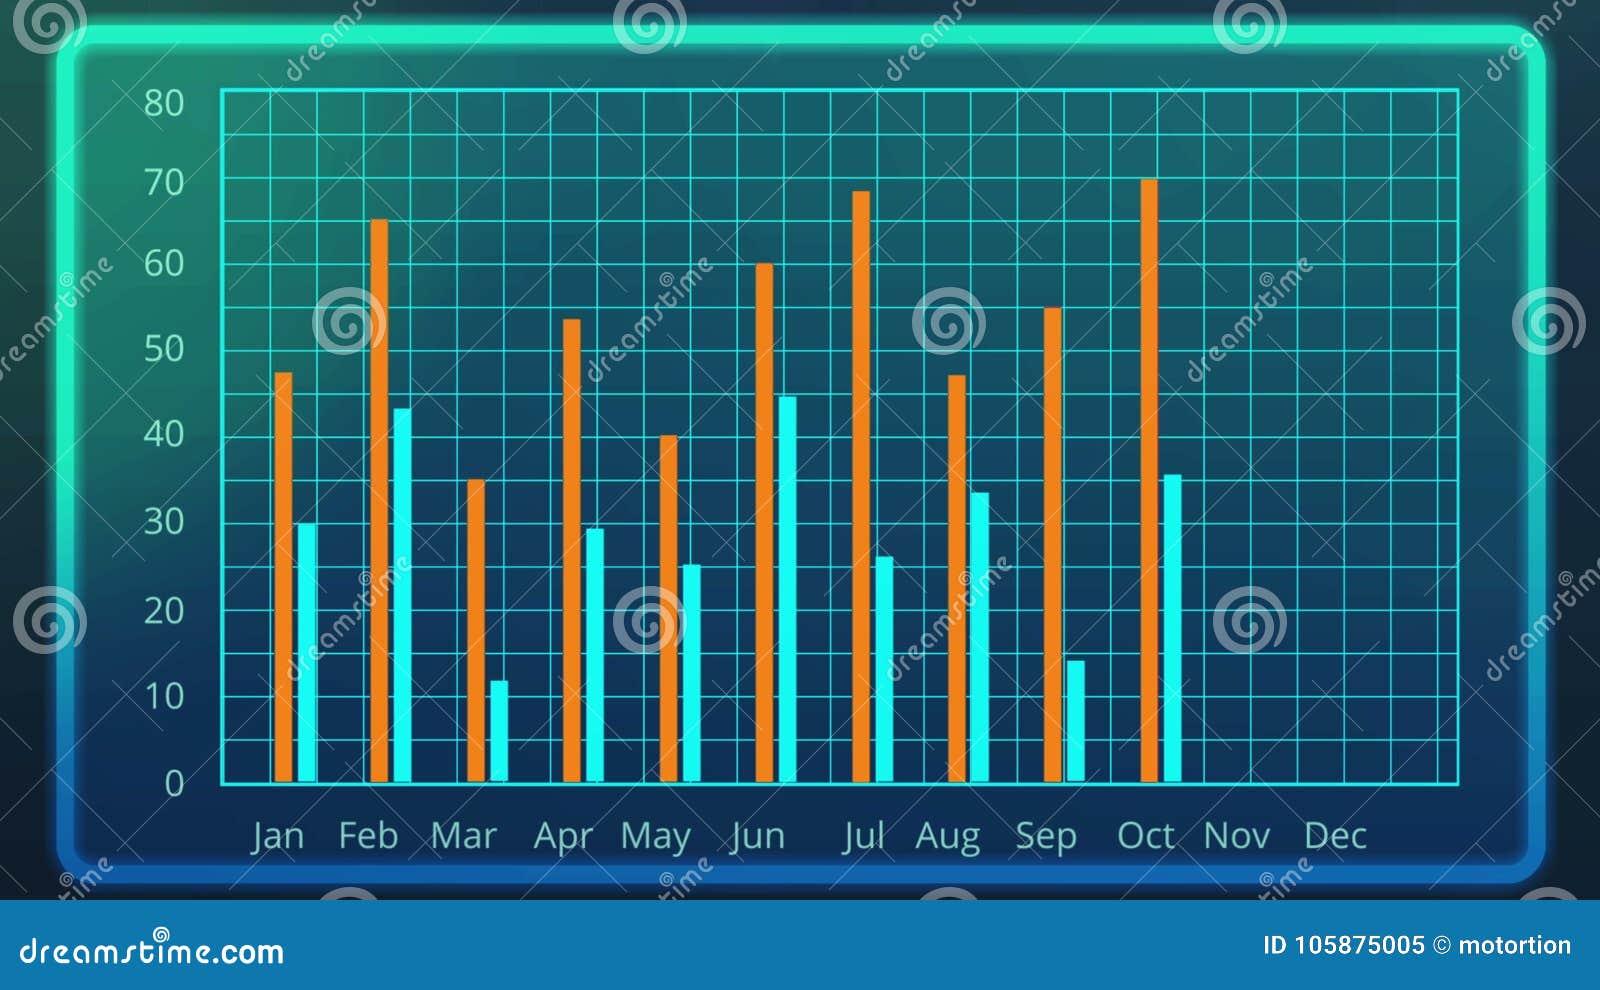 显示月度结果的电子长条图与去年数据比较了